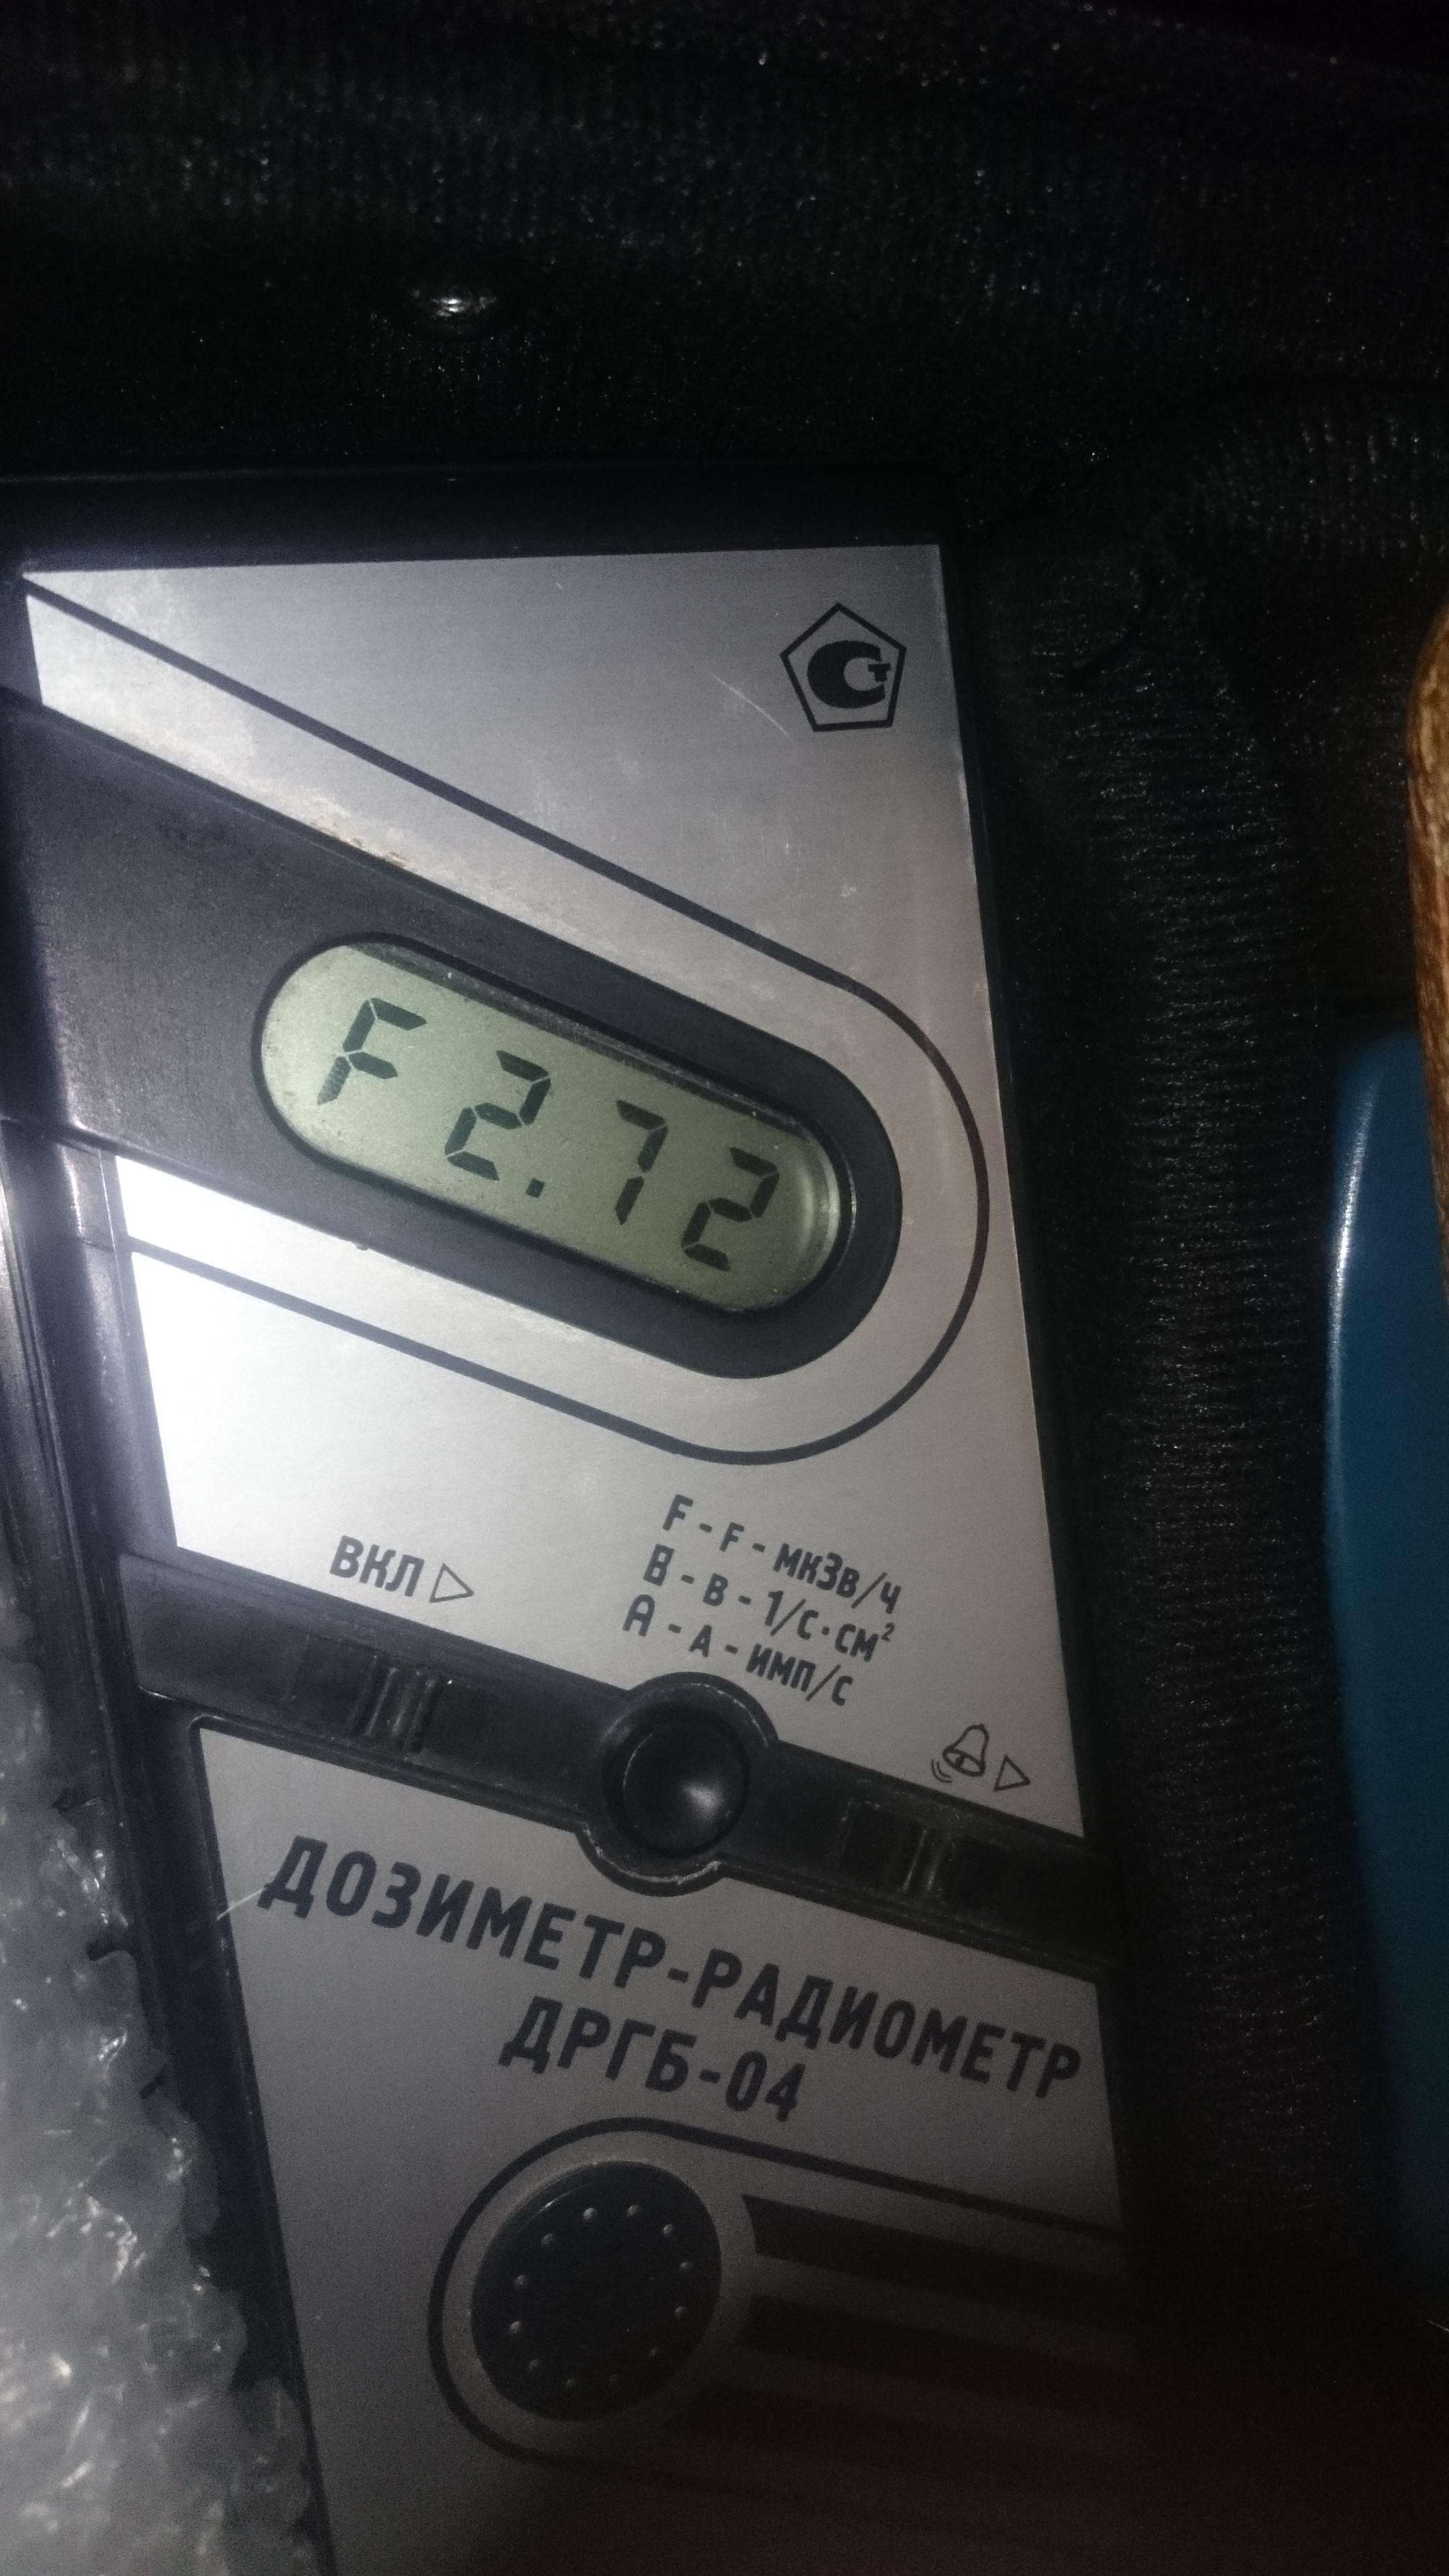 МЭД гамма-излучения в самолете во время полета